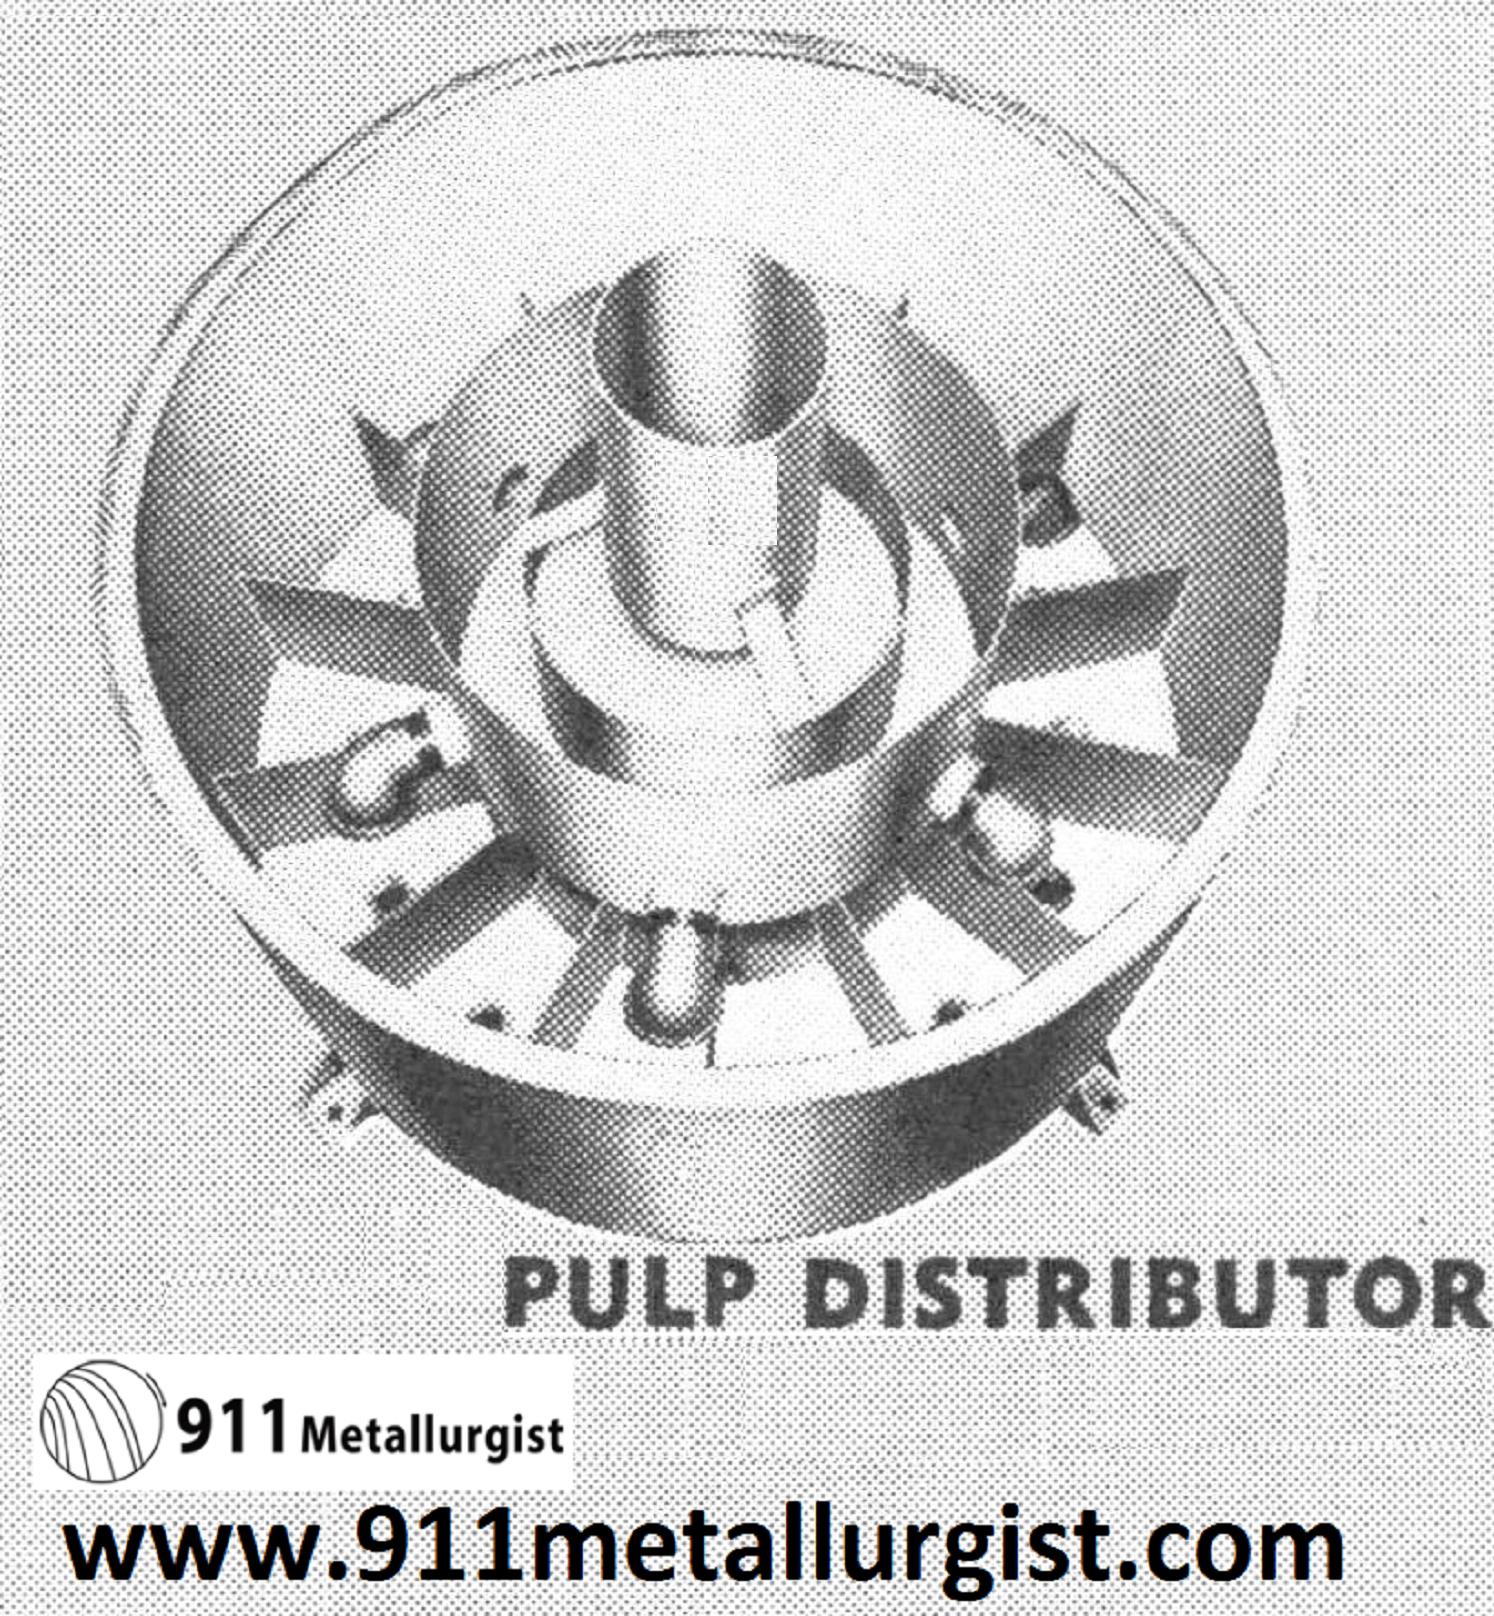 PULP DISTRIBUTORS